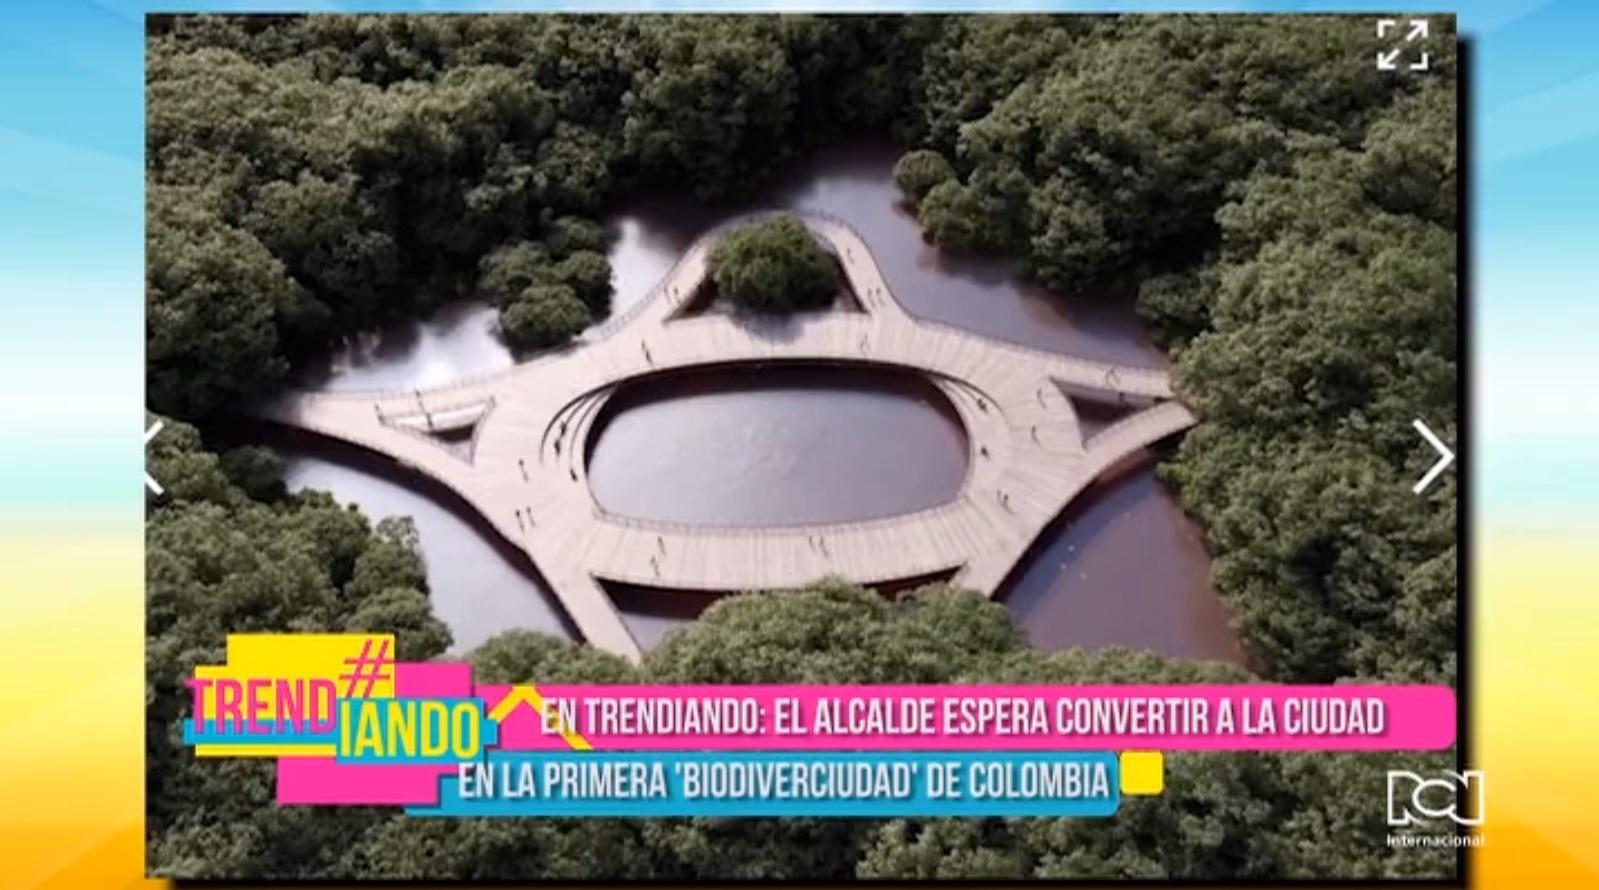 Barranquilla busca ser la primera 'biodiverciudad' de Colombia